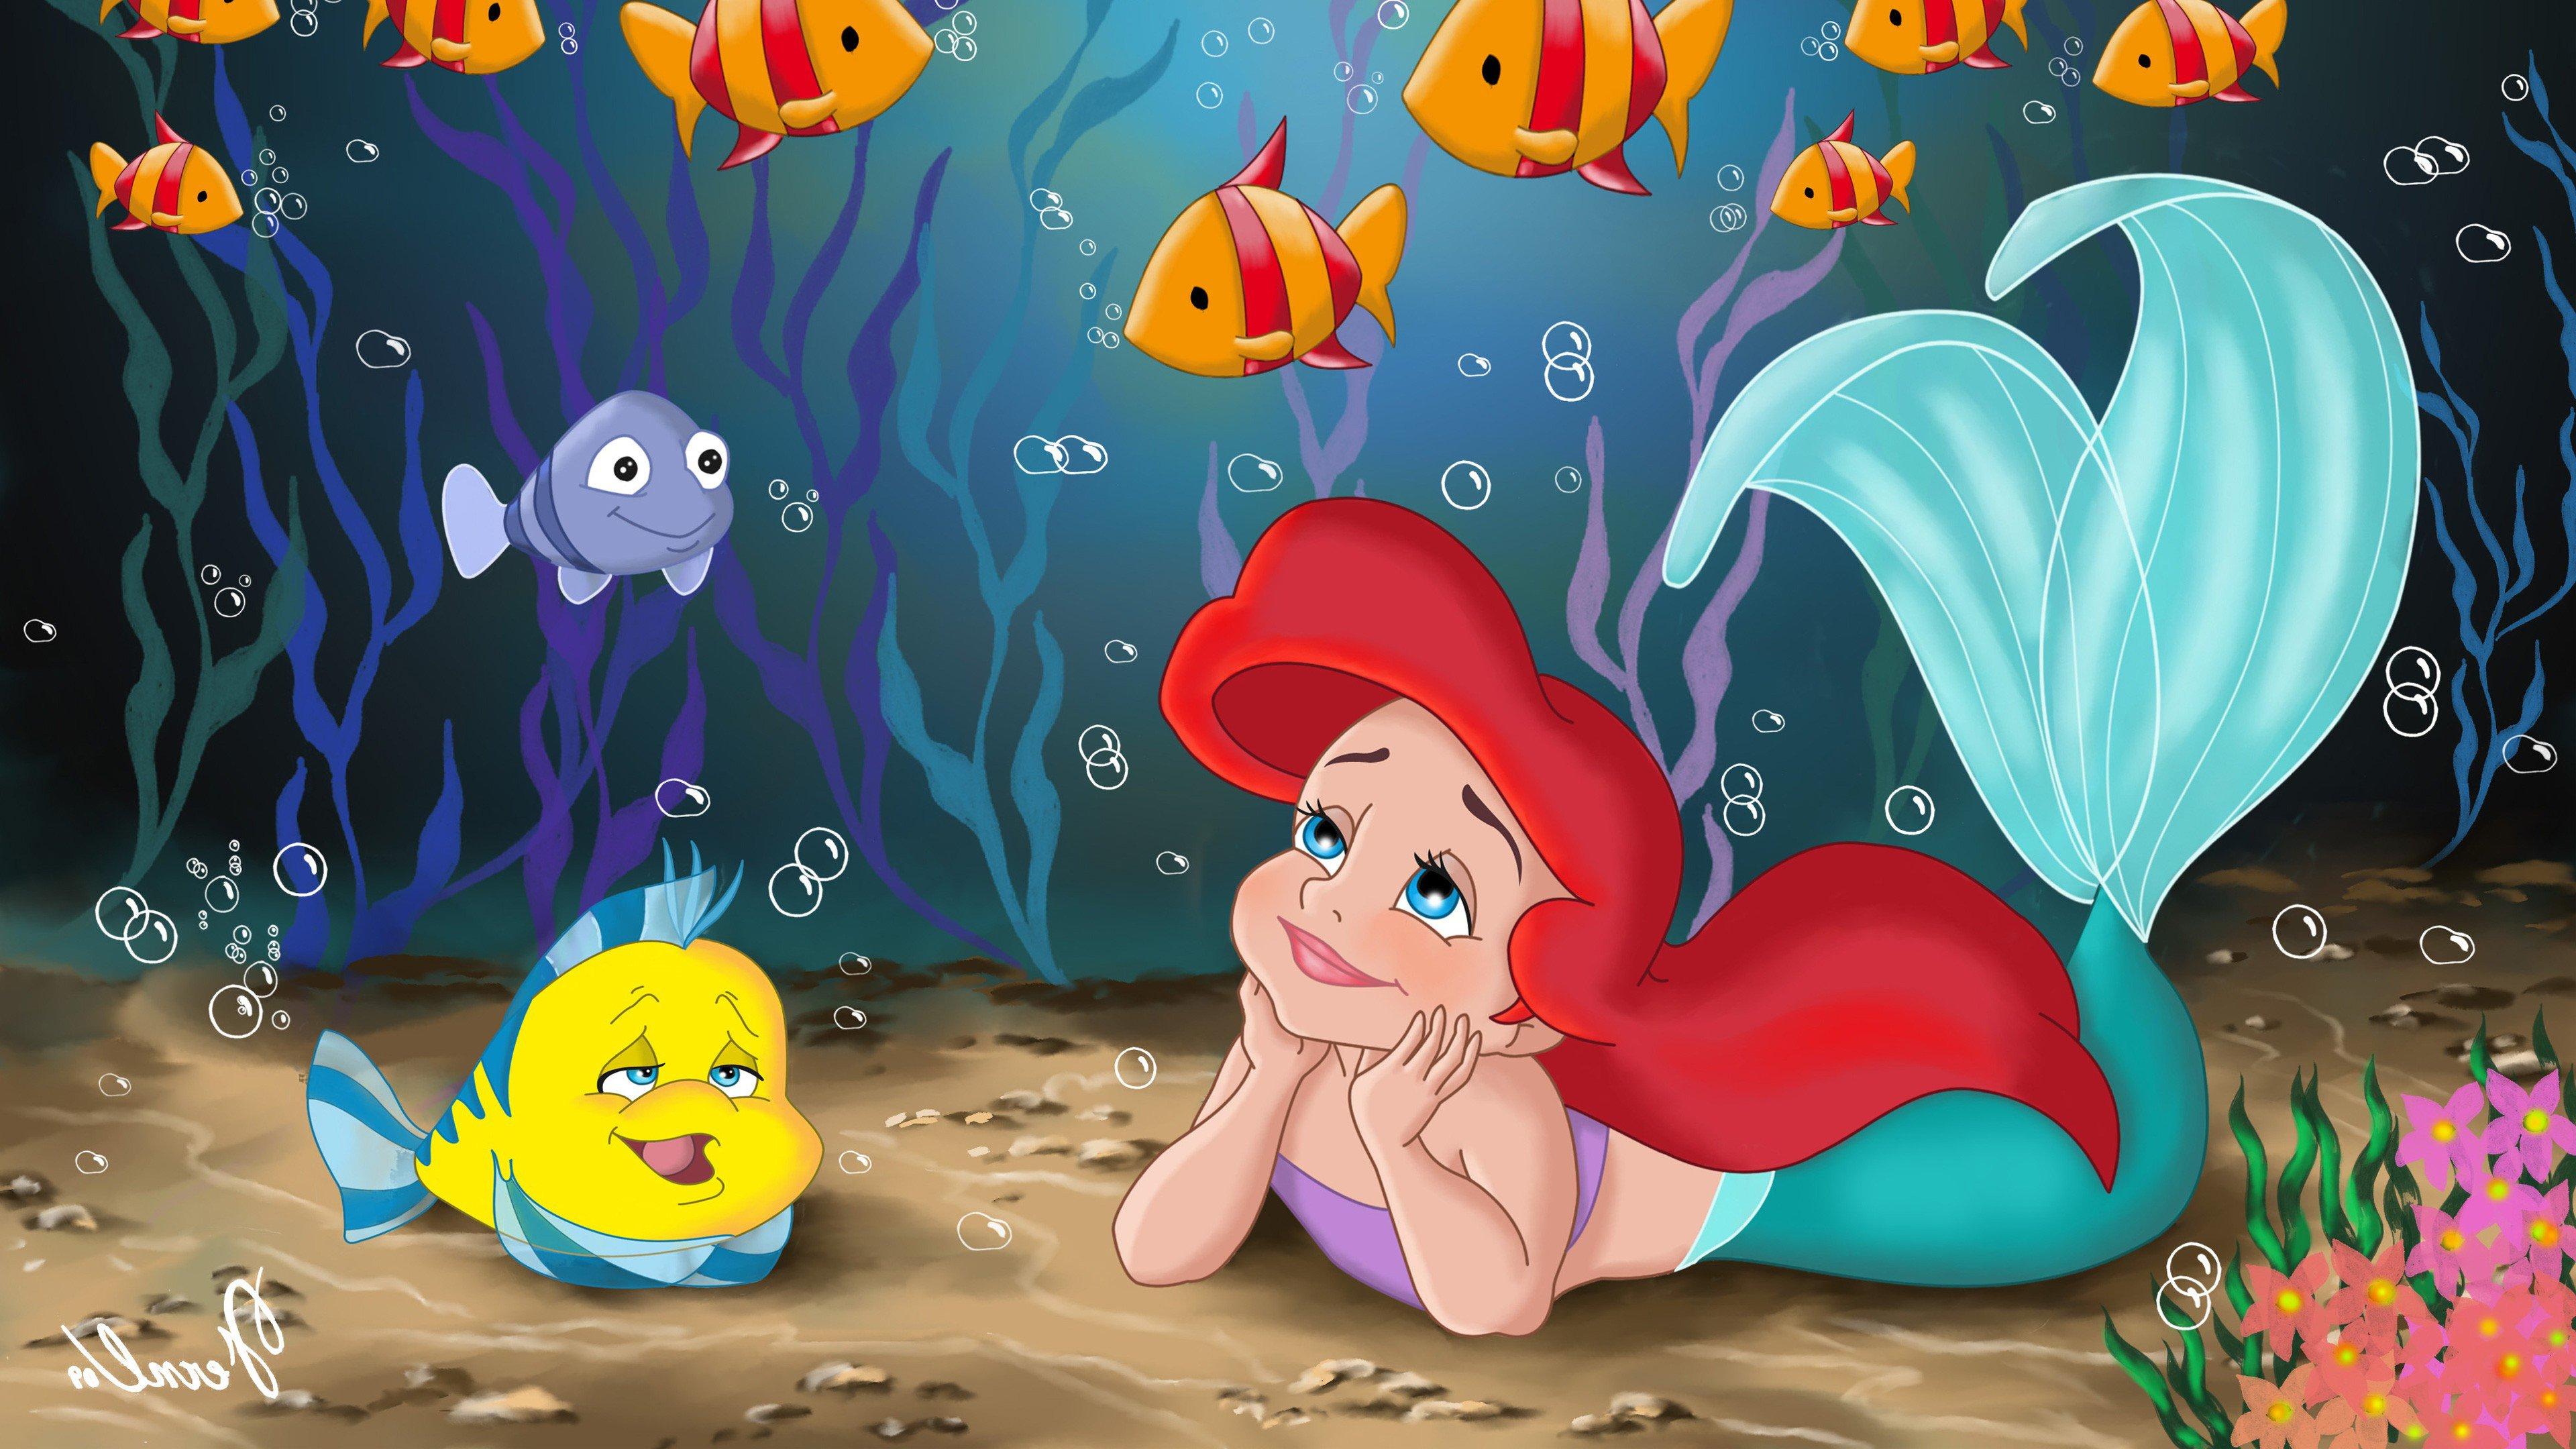 Mermaid Hd Wallpapers